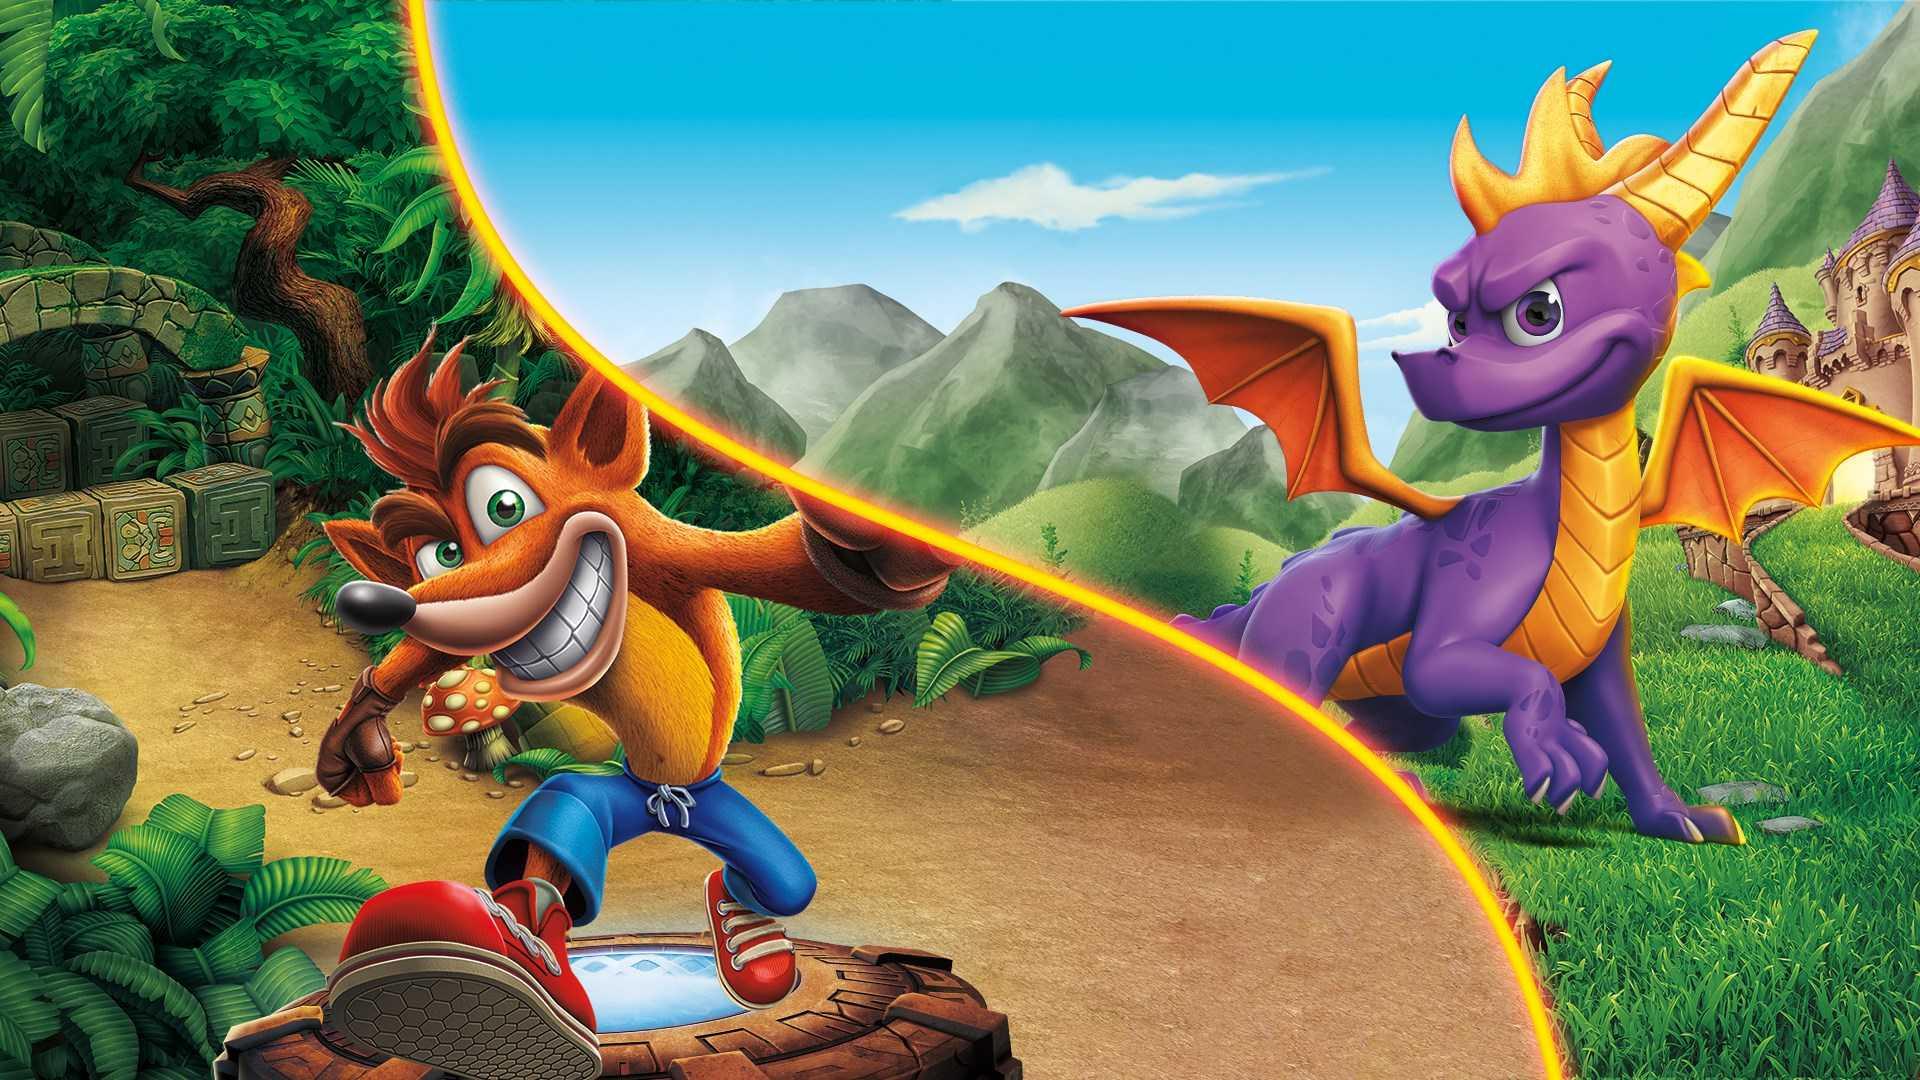 Σε έκπτωση τίτλοι με τον Spyro και τον Crash Bandicoot